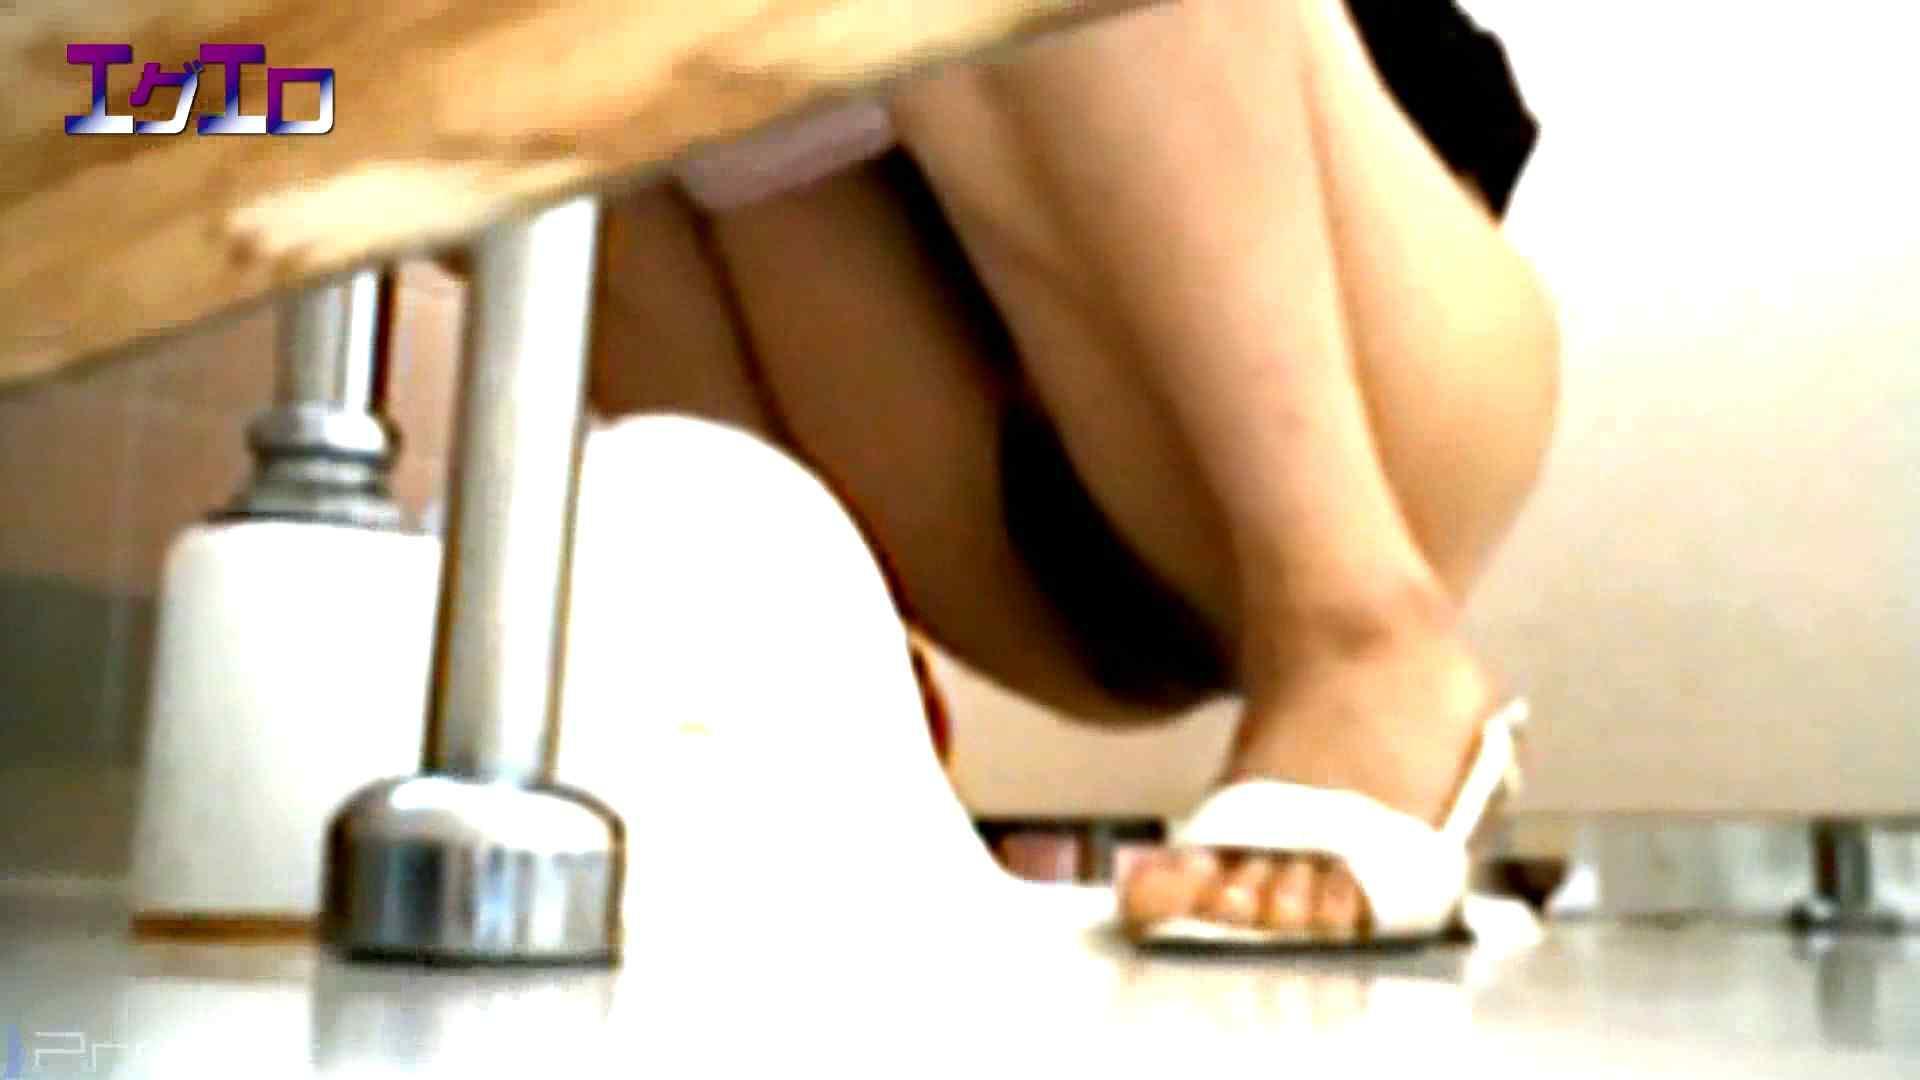 至近距離洗面所 Vol.09夏ギャルキタ~和式トイレ放nyoショー トイレの中の女の子   洗面所  34連発 31